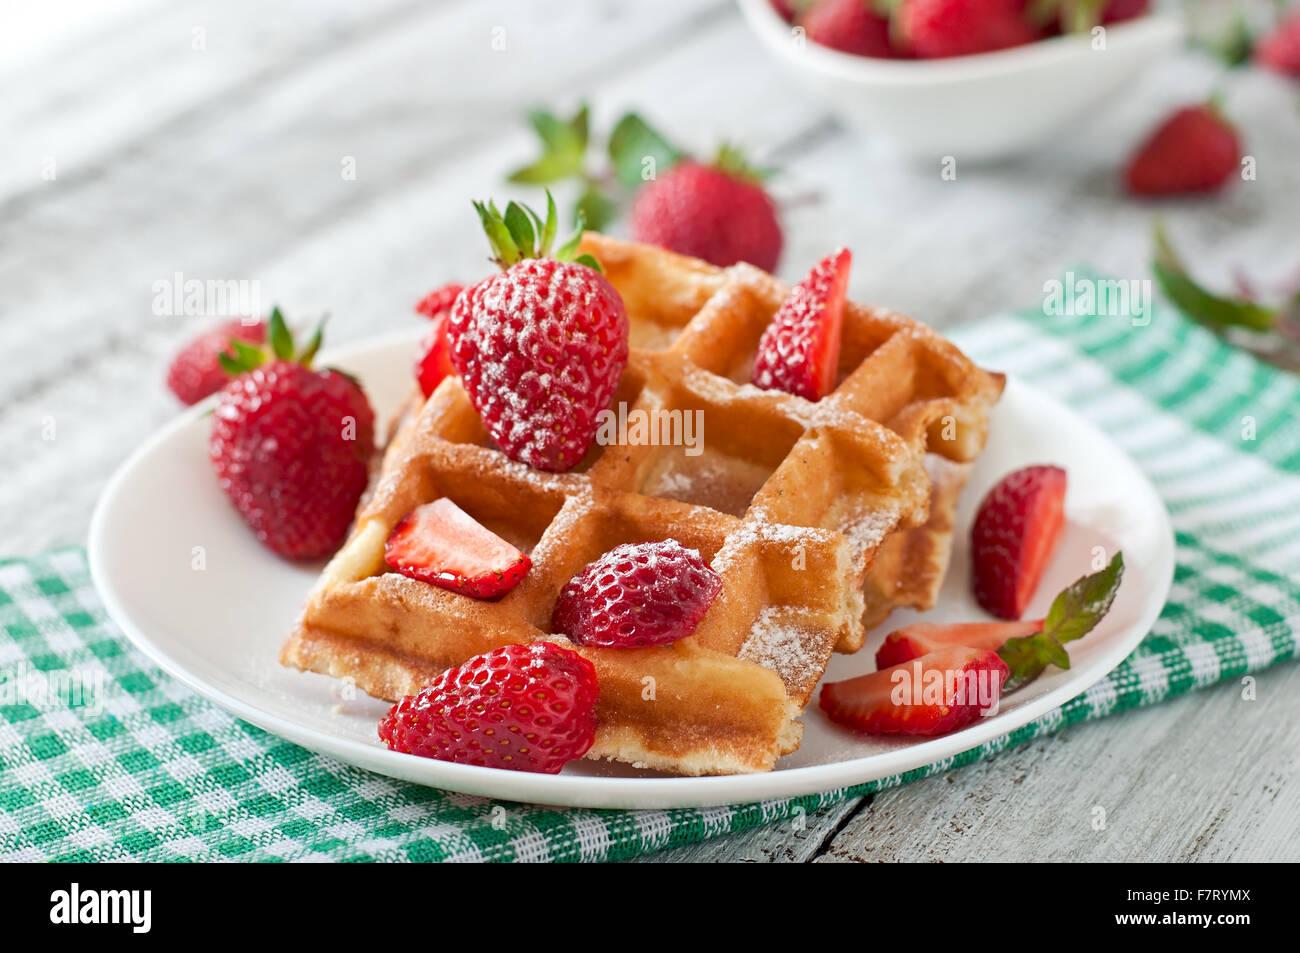 Belgique gaufres aux fraises et menthe on white plate Photo Stock